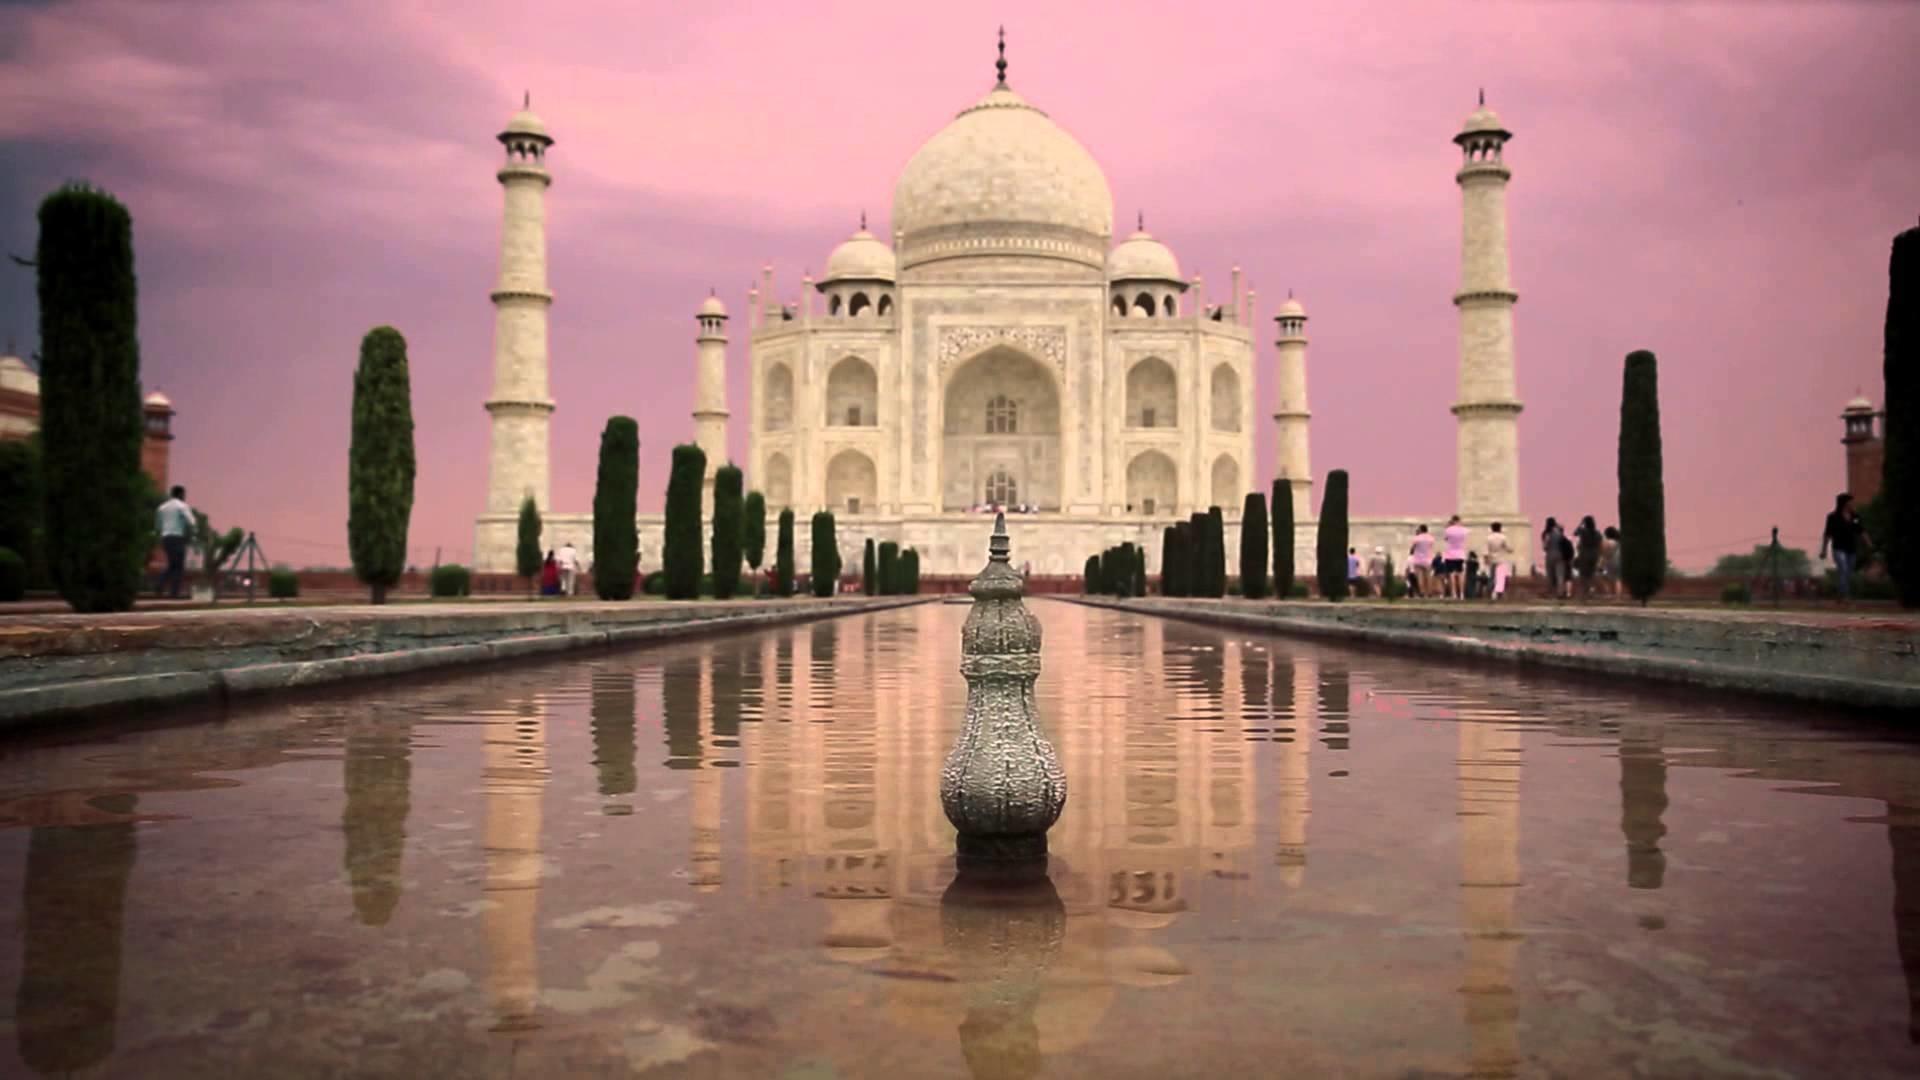 Good Night Hd Wallpaper 3d Love Taj Mahal At Night Wallpaper 3d 183 ①